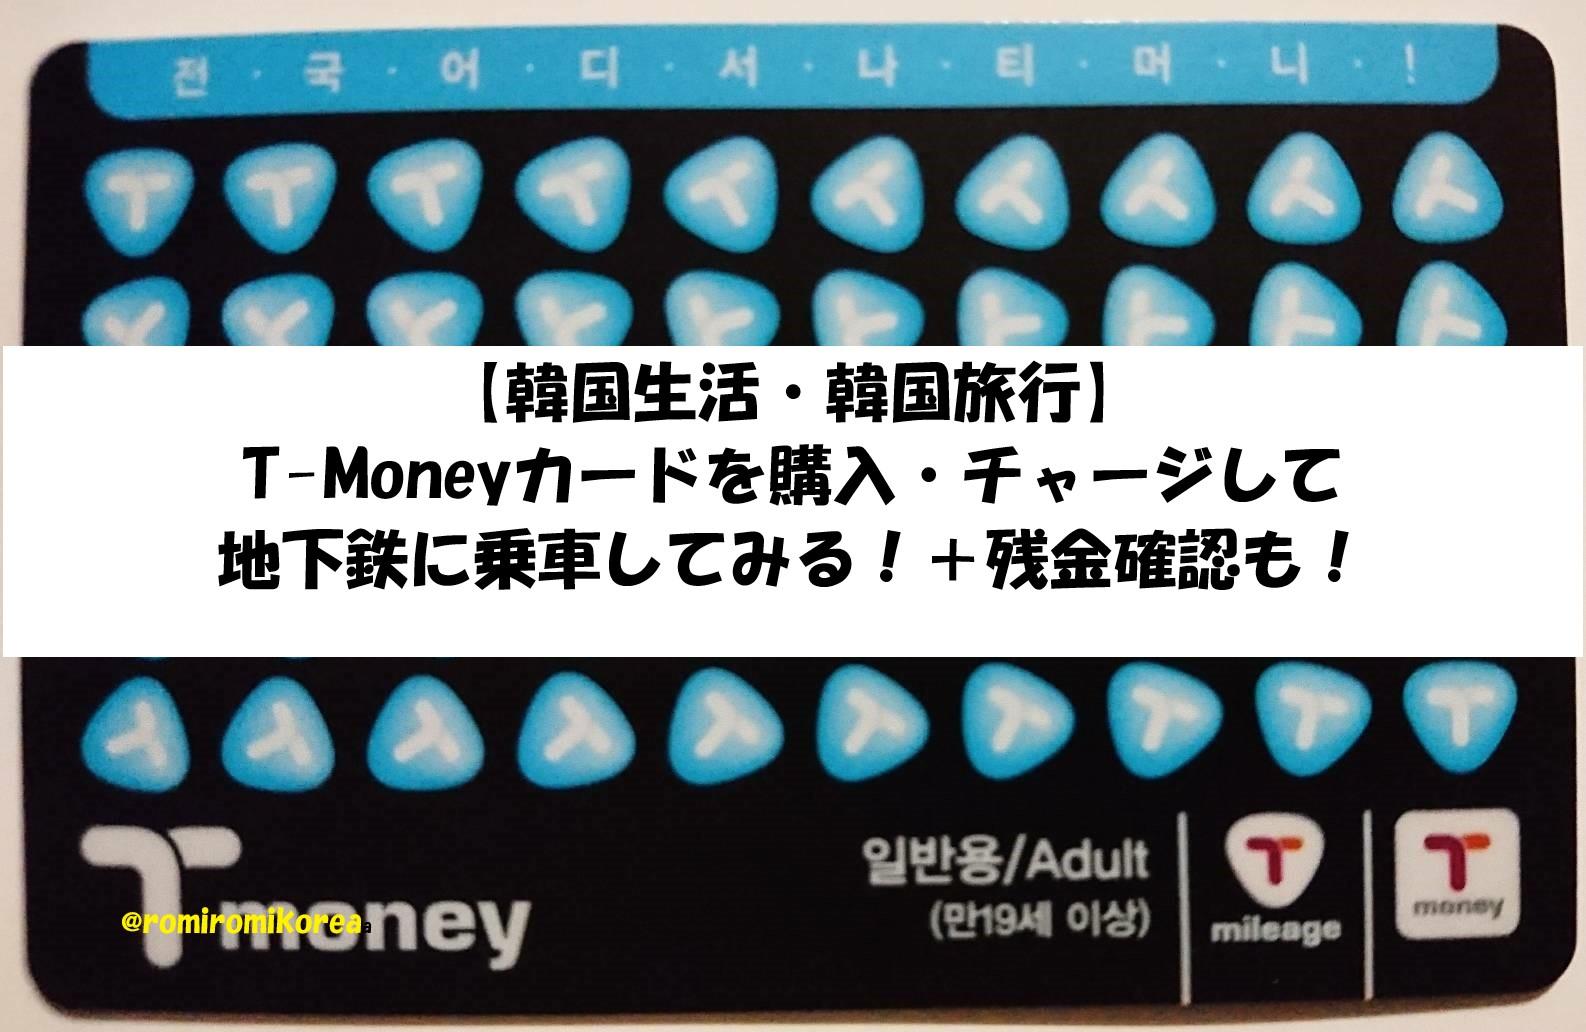 【韓国生活・韓国旅行】T-Moneyカードを購入・チャージして地下鉄に乗車してみる!+残金確認も!